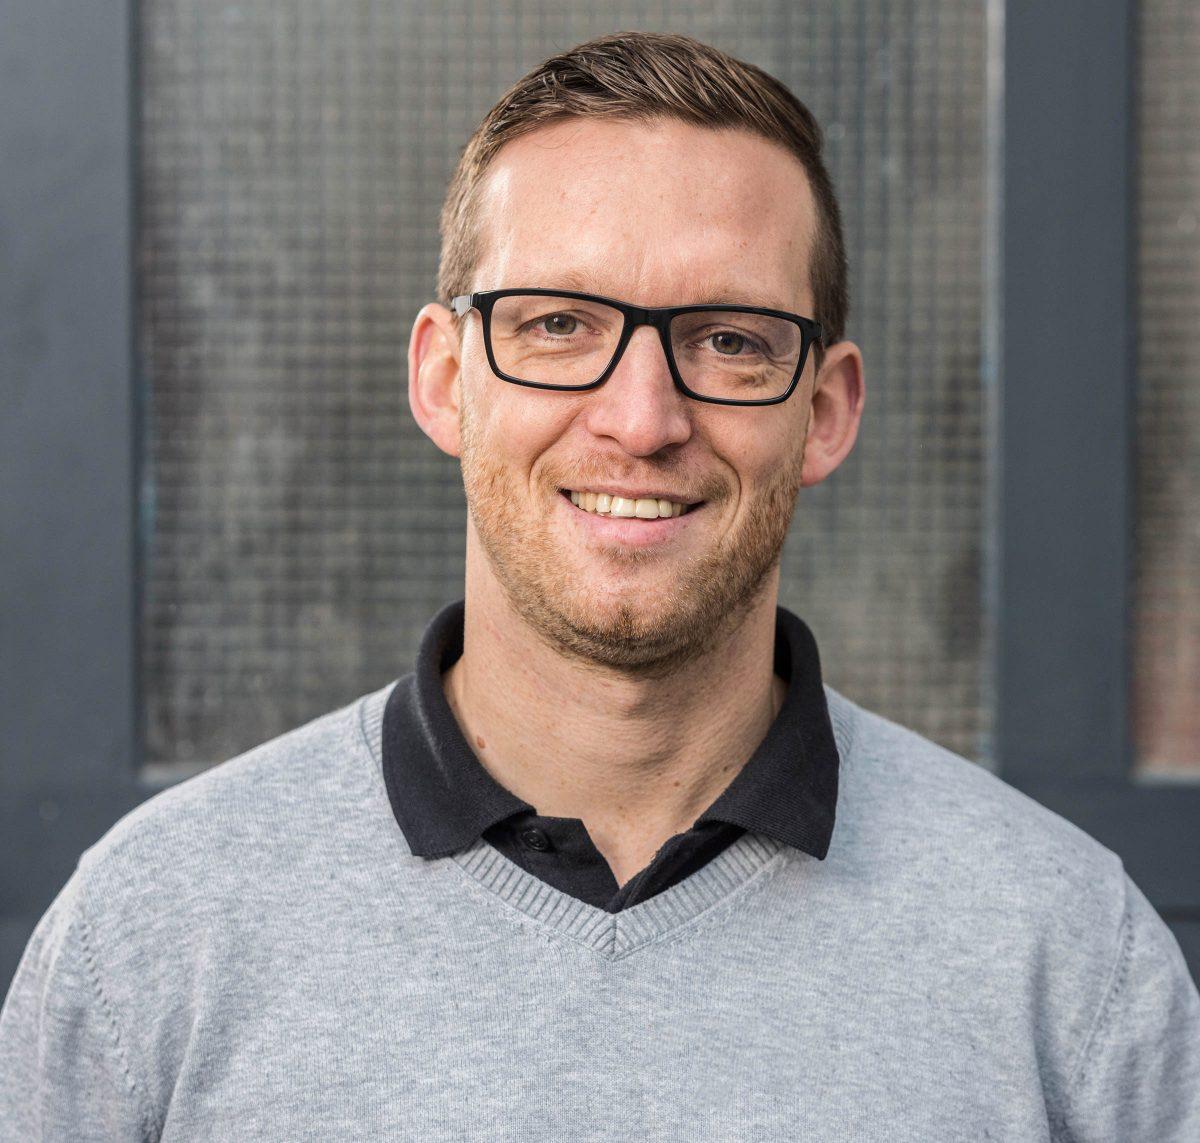 Max Hochrein